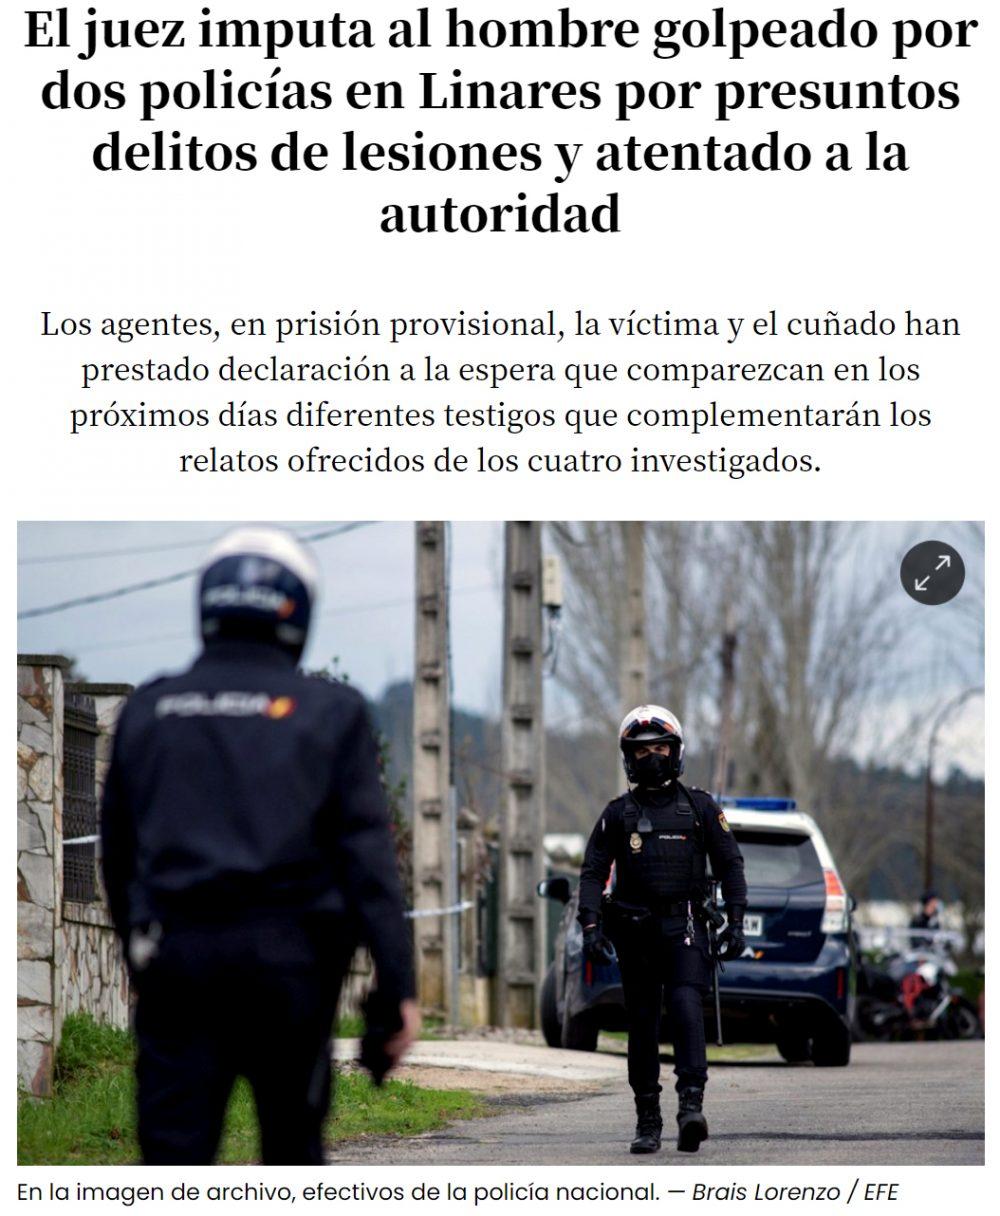 Plot twist en Linares